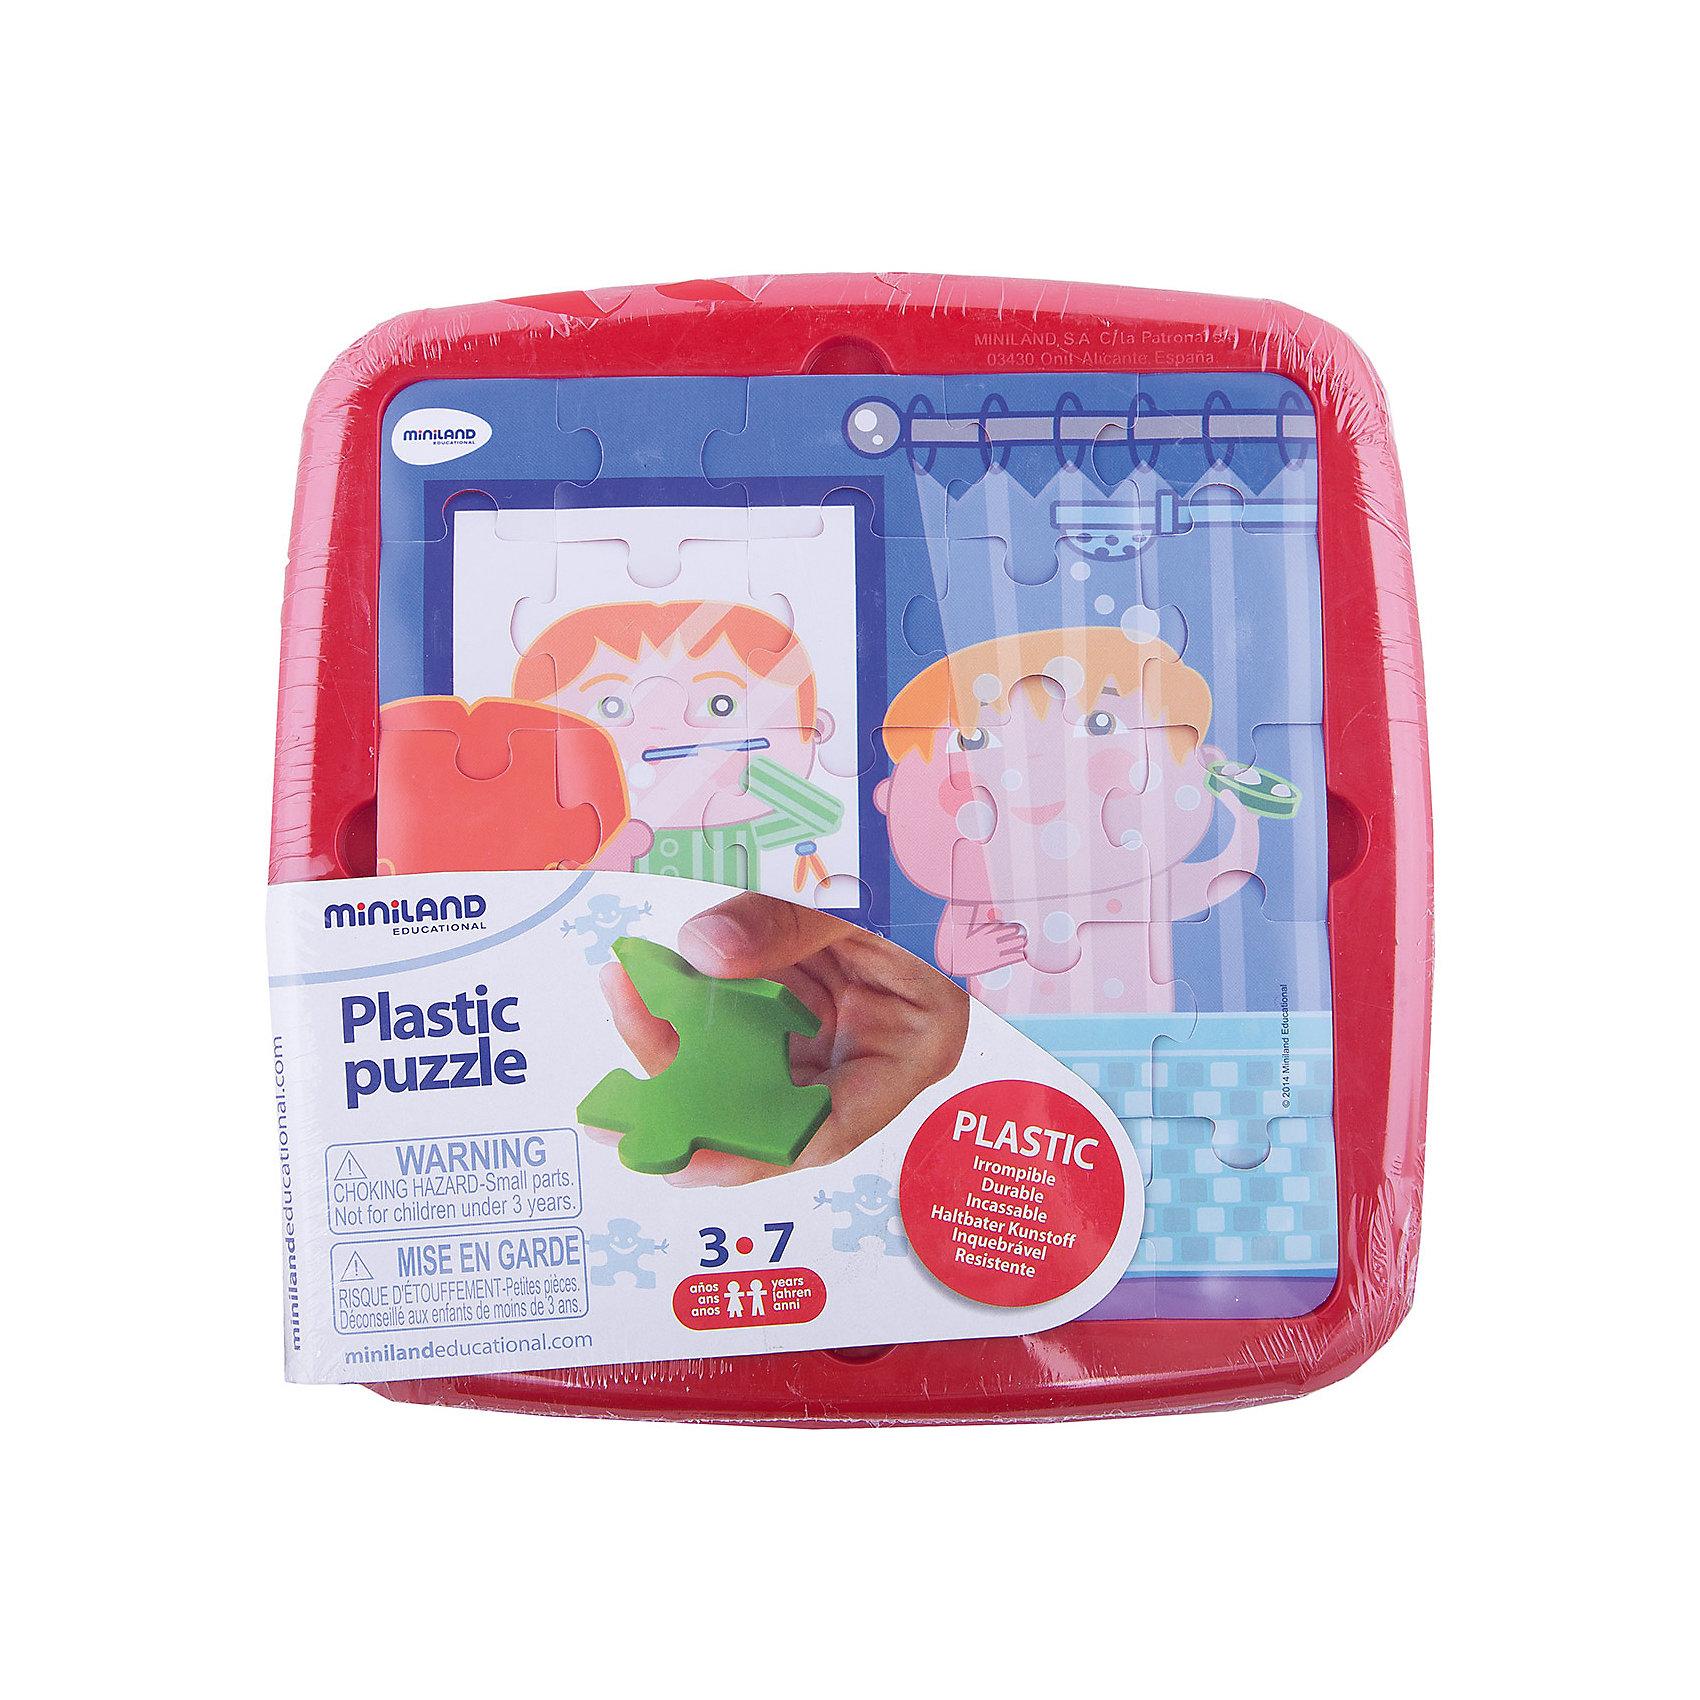 Пазл Распорядок дня. Умывание, MinilandПазл Распорядок дня. Умывание, Miniland (Миниленд) – этот пазл замечательный и полезный подарок для вашего ребенка.<br>В наборе 25 пластиковых элементов пазла, которые удобно собираются в пластиковом контейнере. Для правильности сборки предлагается трафарет из пластиковой пленки с рисунком. Собирая пазл, ребенок развивает мелкую моторику, внимательность и усидчивость.<br><br>Дополнительная информация:<br><br>- В наборе: пазл 25 элементов, трафарет<br>- Размер собранного пазла: 21 х 21 см.<br>- Материал: высококачественный пластик<br>- Размер упаковки: 26,5 х 26,5 х 1 см.<br>- Вес: 300 гр.<br><br>Пазл Распорядок дня. Умывание, Miniland (Миниленд) можно купить в нашем интернет-магазине.<br><br>Ширина мм: 265<br>Глубина мм: 265<br>Высота мм: 10<br>Вес г: 300<br>Возраст от месяцев: 36<br>Возраст до месяцев: 84<br>Пол: Унисекс<br>Возраст: Детский<br>SKU: 4198178